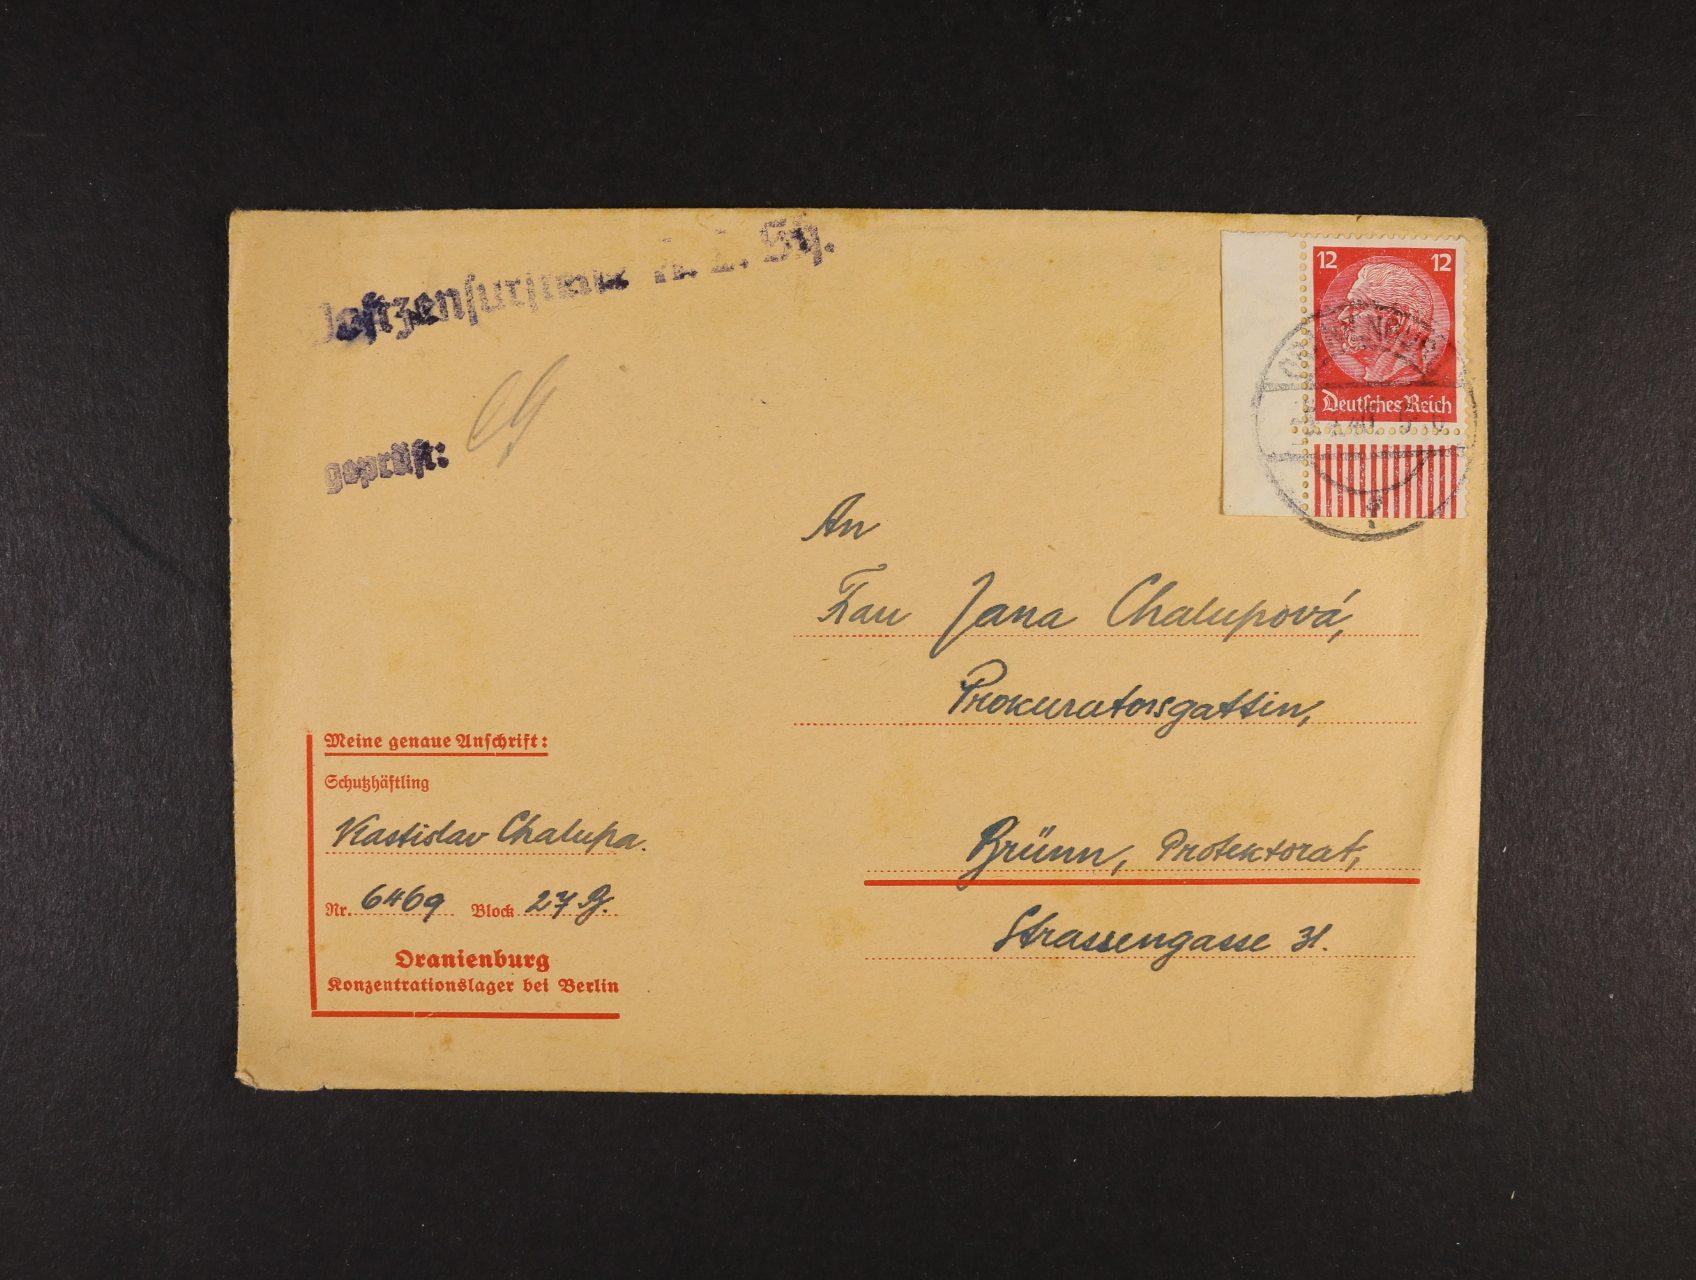 Oranienburg - oficielní předtištěná obálka do Protektorátu frank. zn. 12pf Hindenburg, pod. raz. ORANIENBURG 3.4.40 + řádkové cenzurní raz., dobrá kvalita